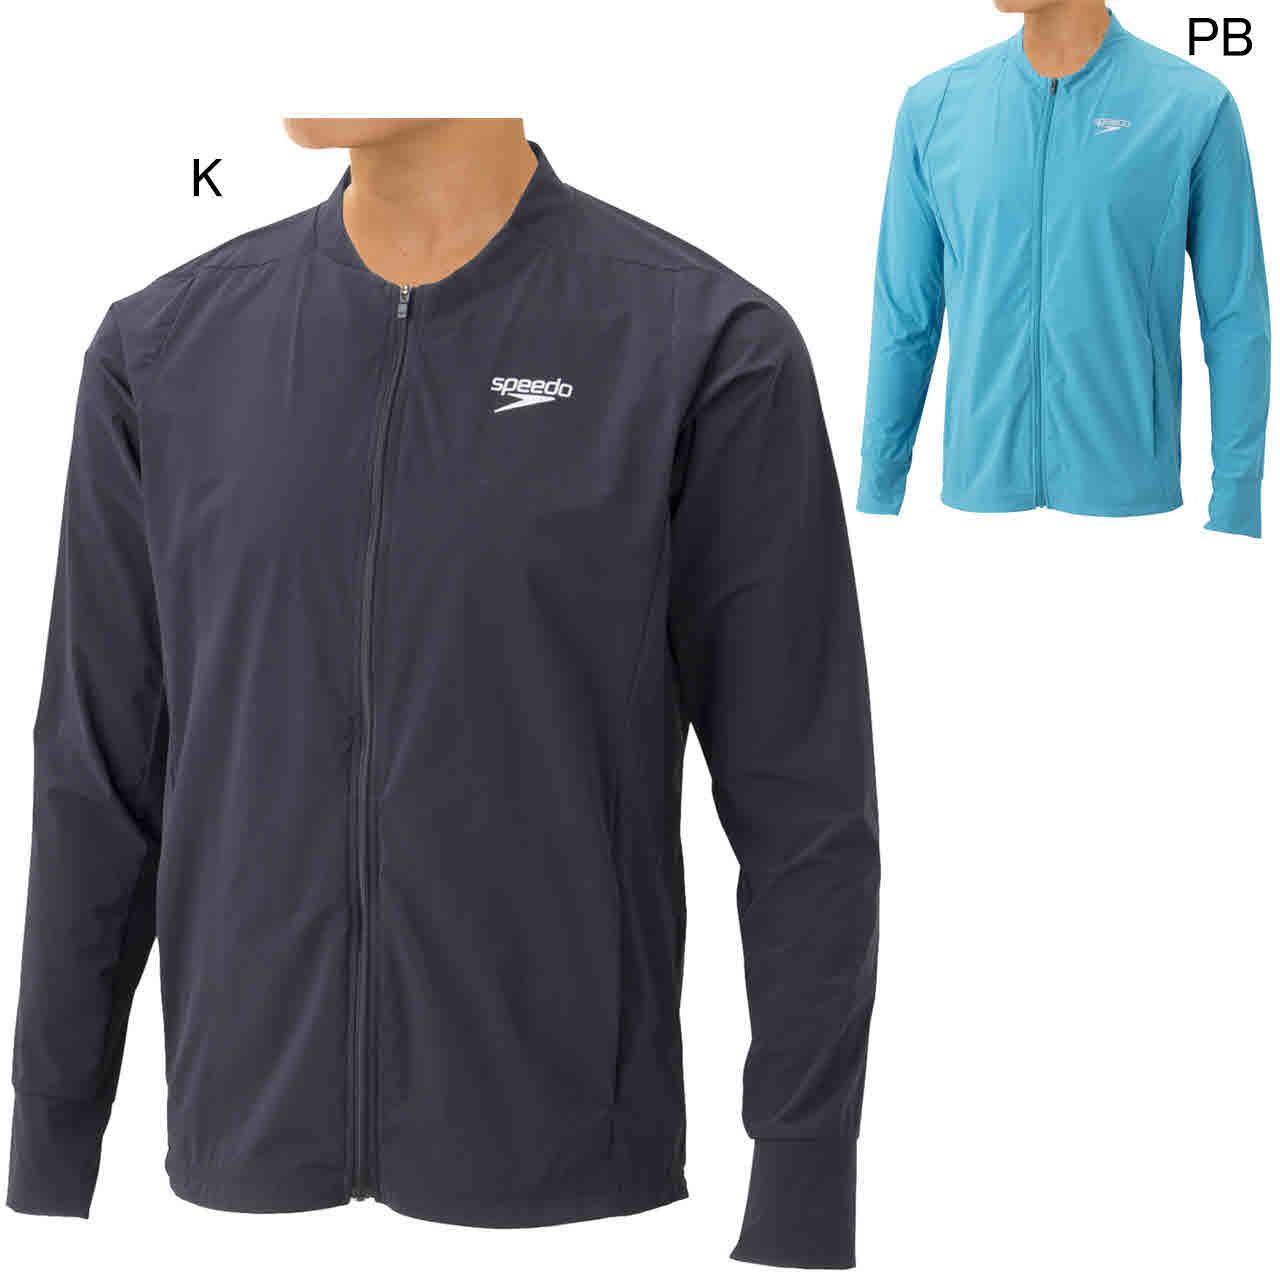 スピード エクササイズ フィットネス ジャケット シャツ メンズ ユニセックス アクロス ドレークジャケット SA01921